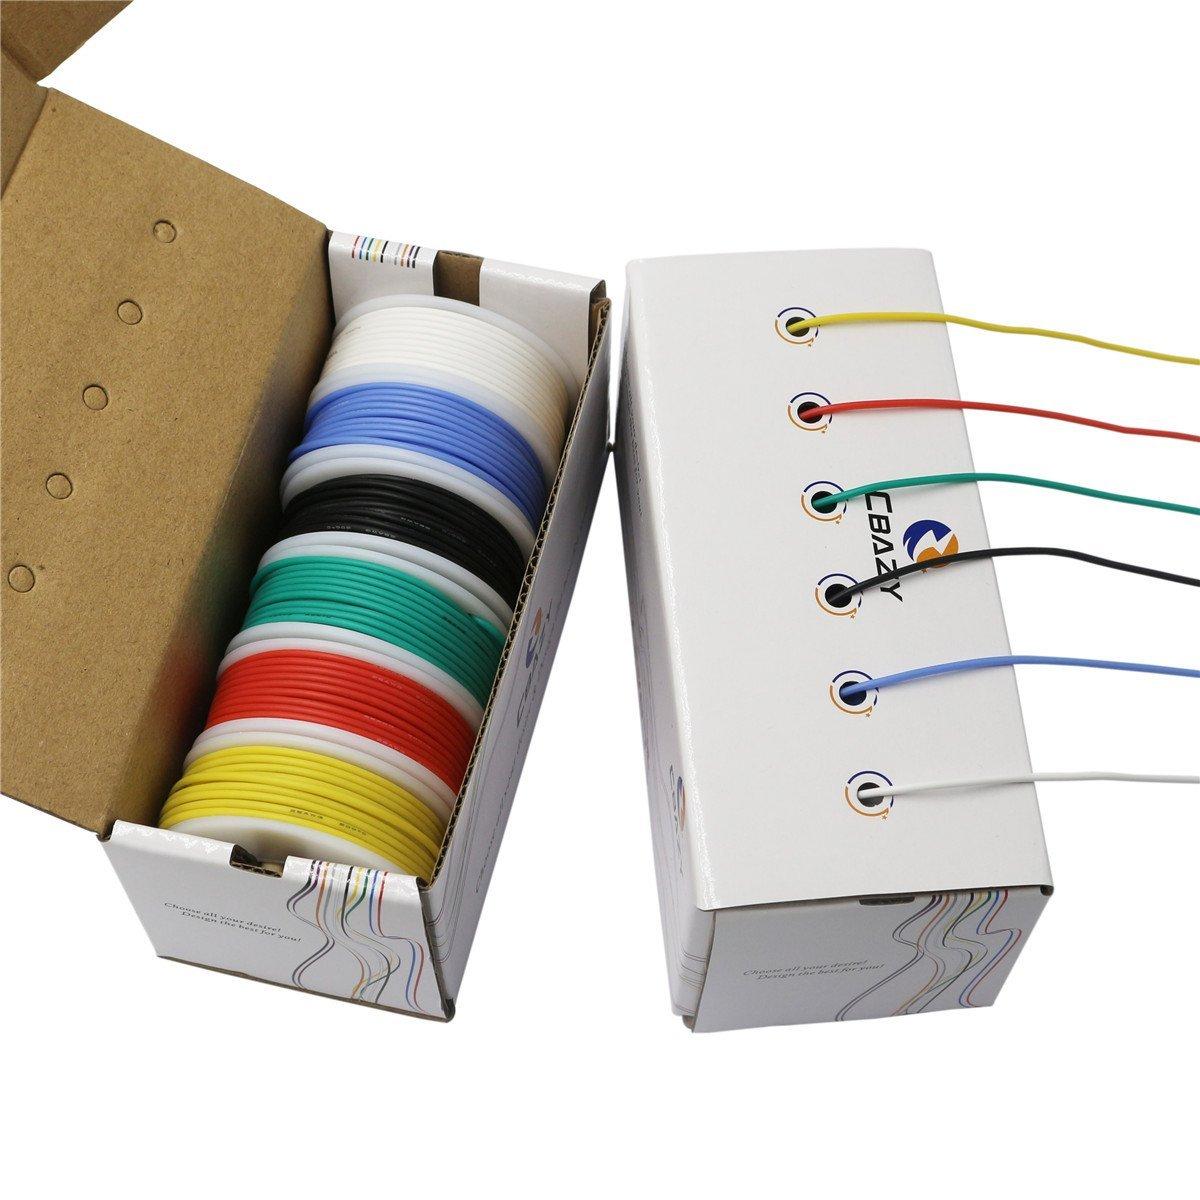 CBAZY Schaltdraht Kit (Litze Kit) 22 Gauge Flexible silikonkautschuk ...